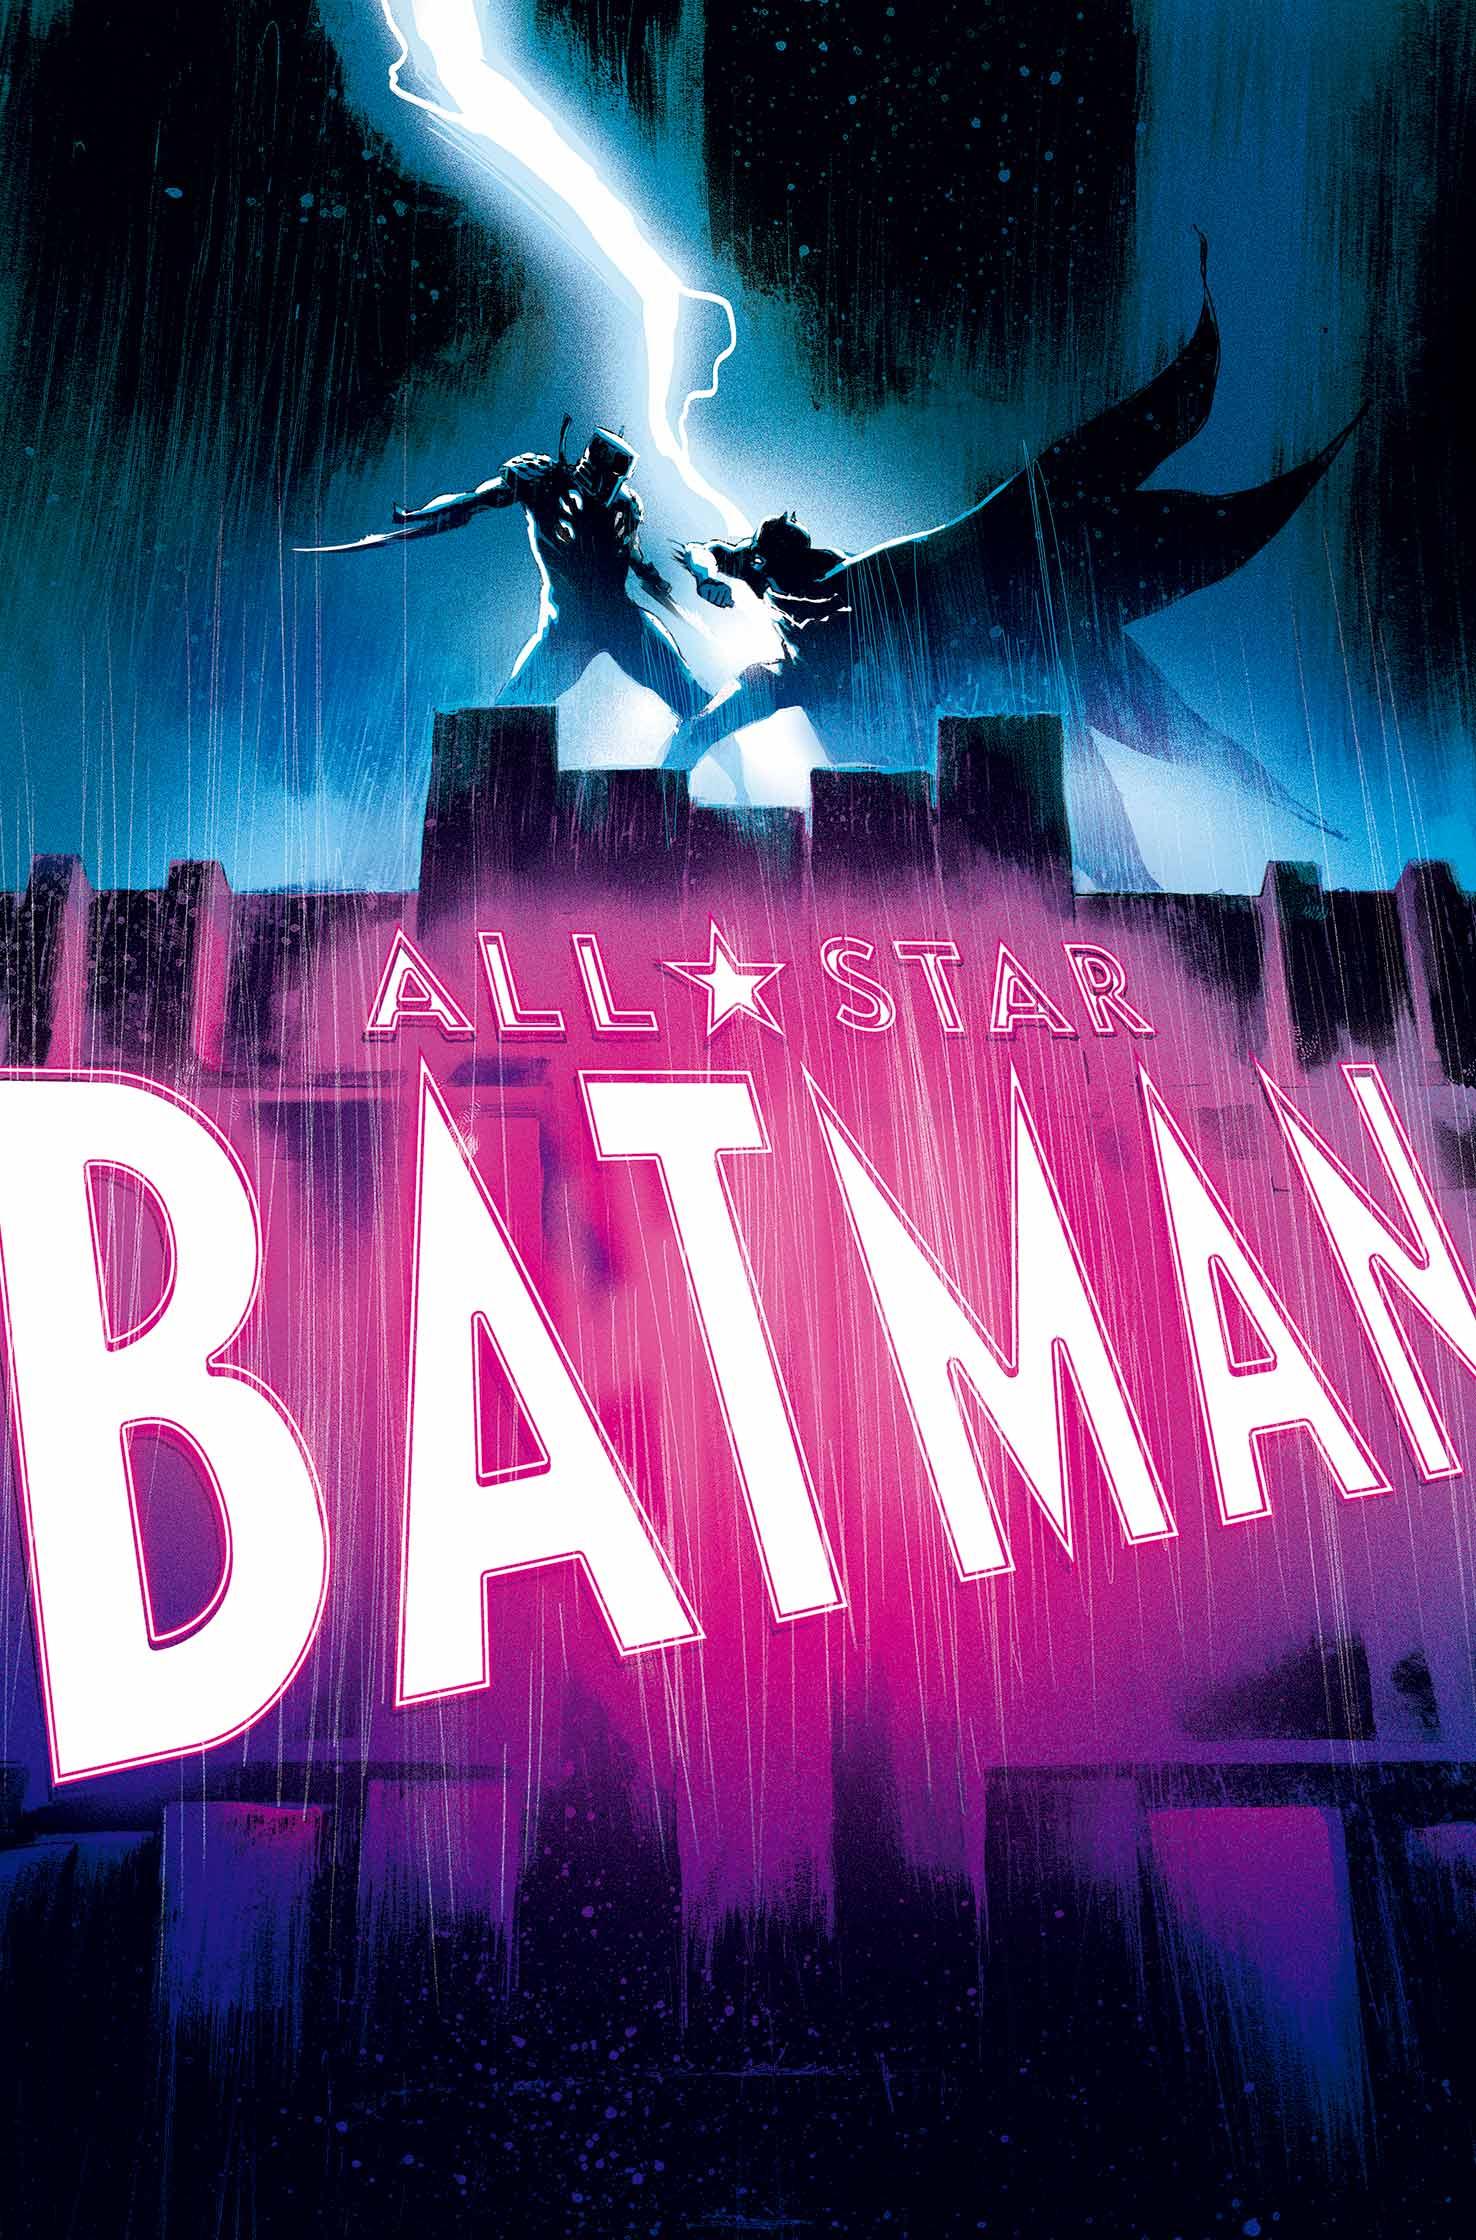 All Star Batman 13